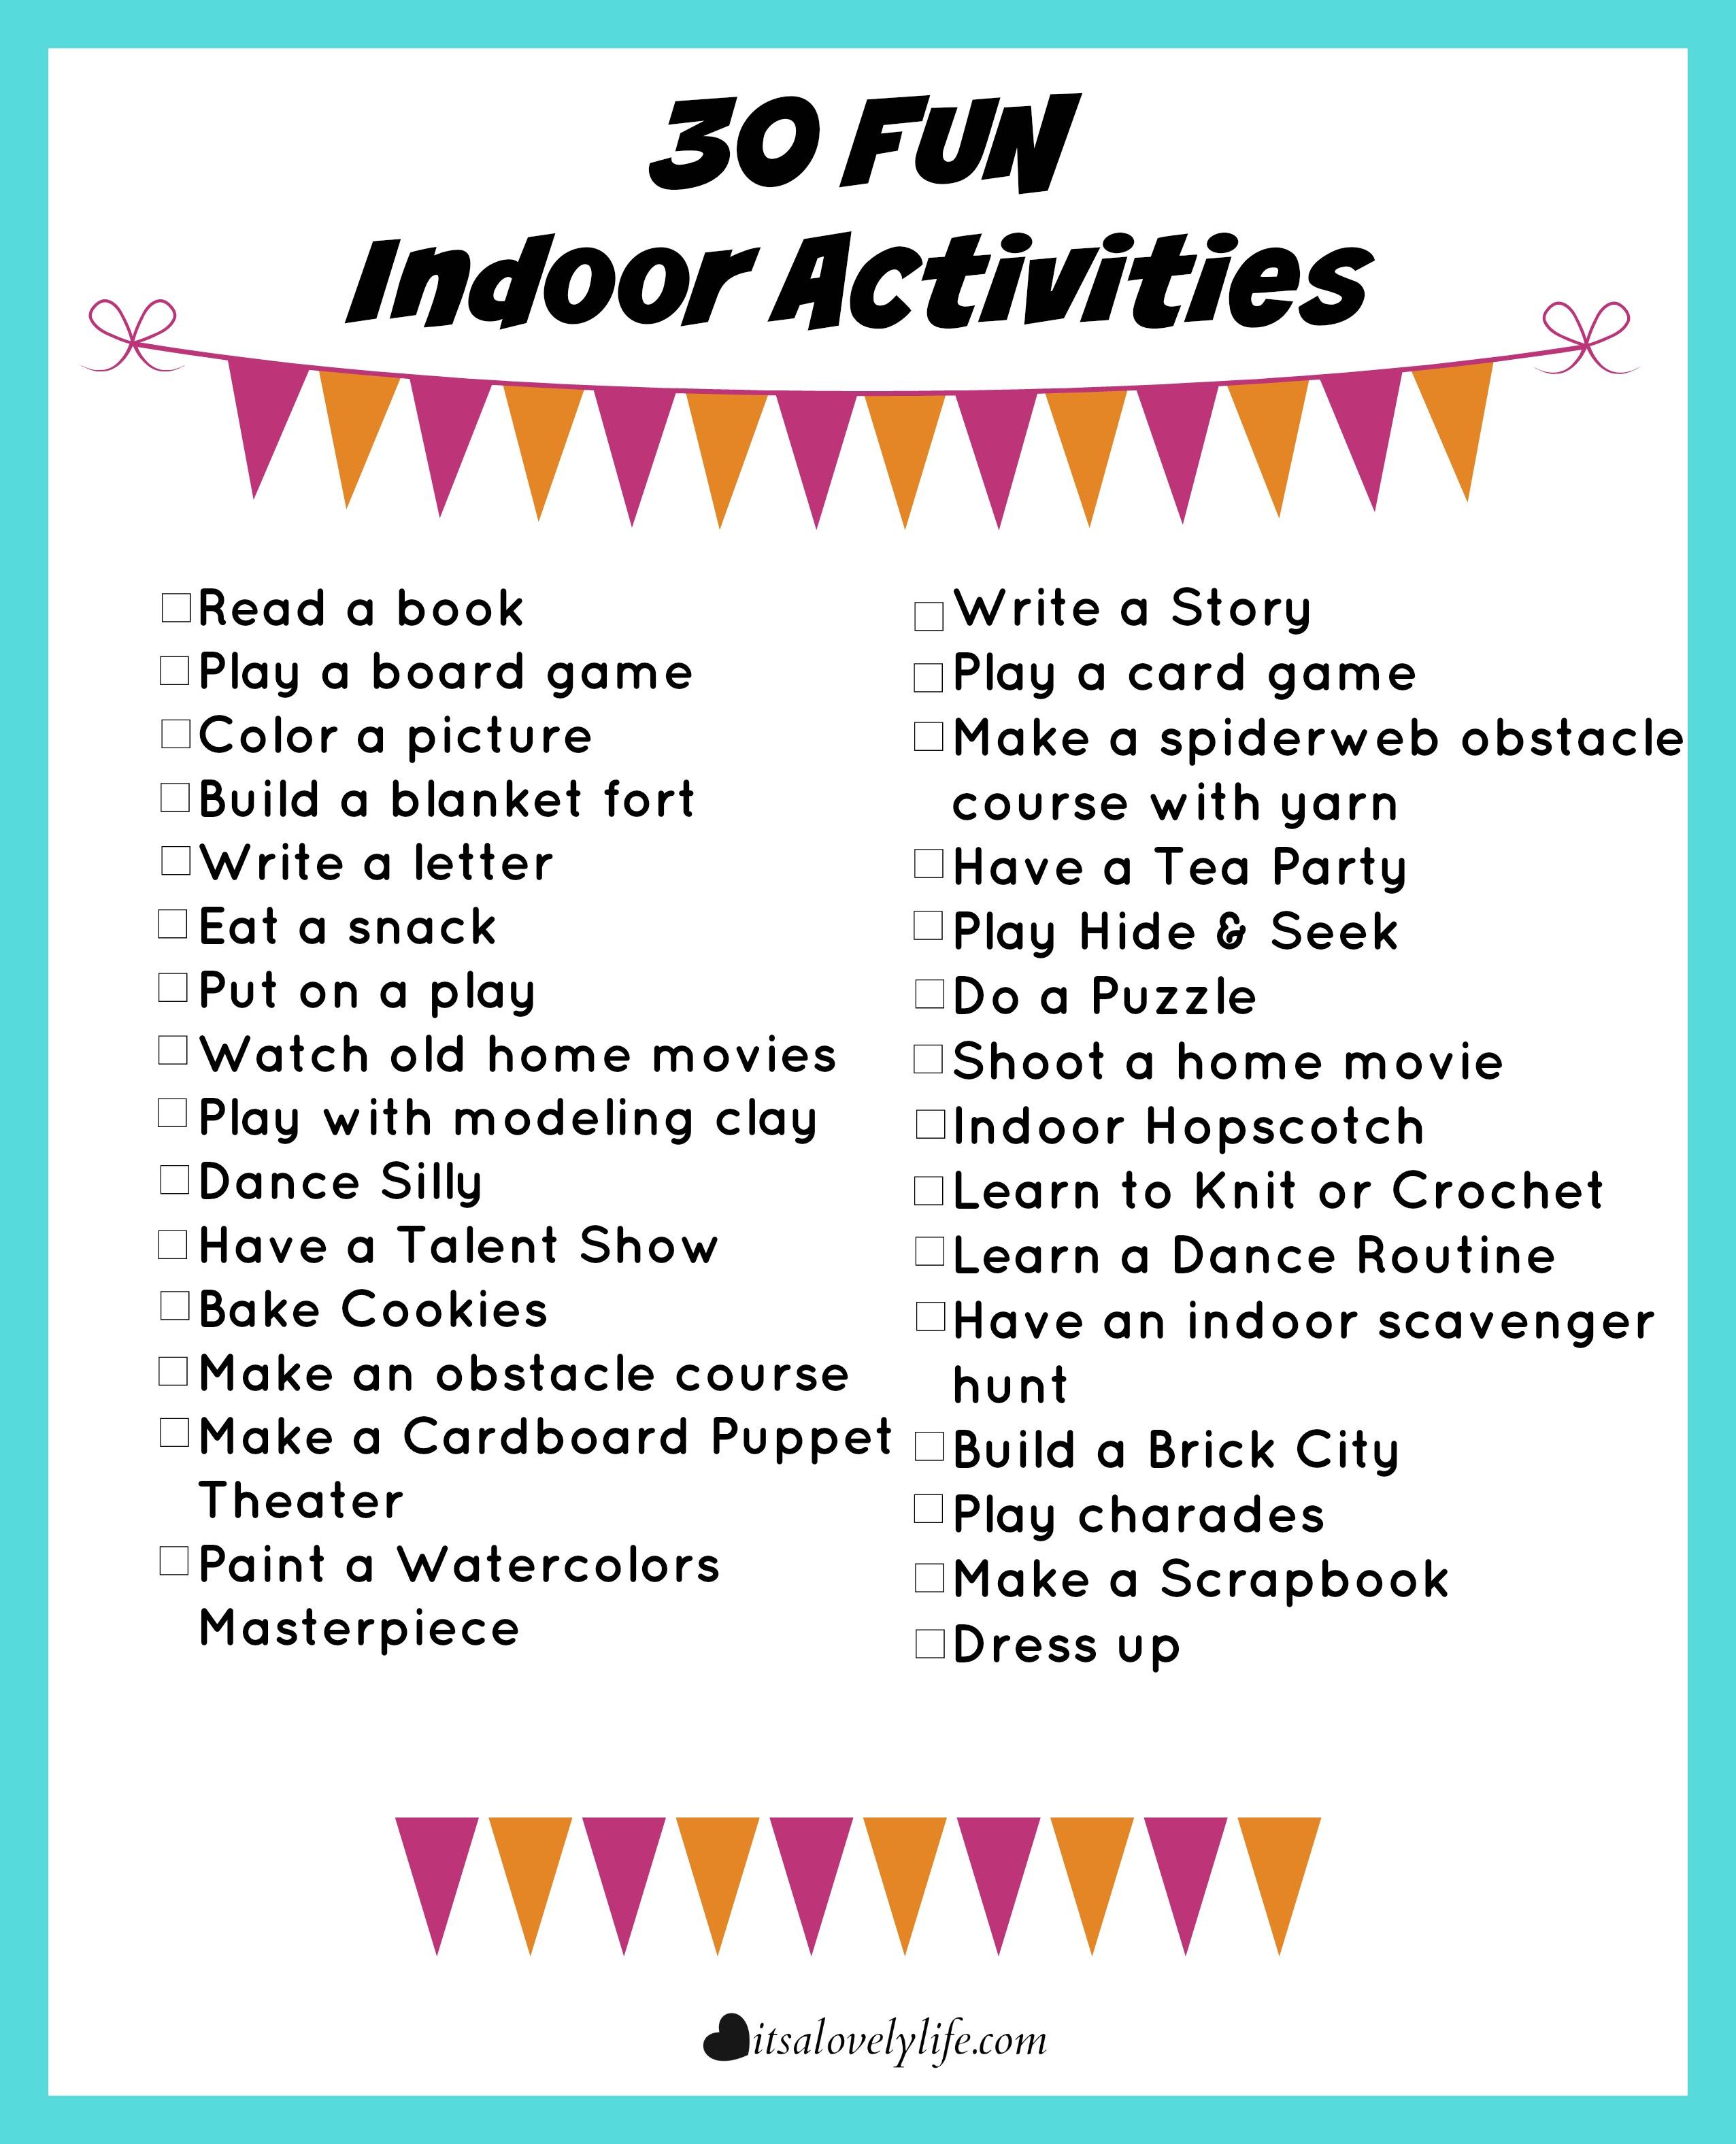 Family Activities: 30 Fun Indoor Activities